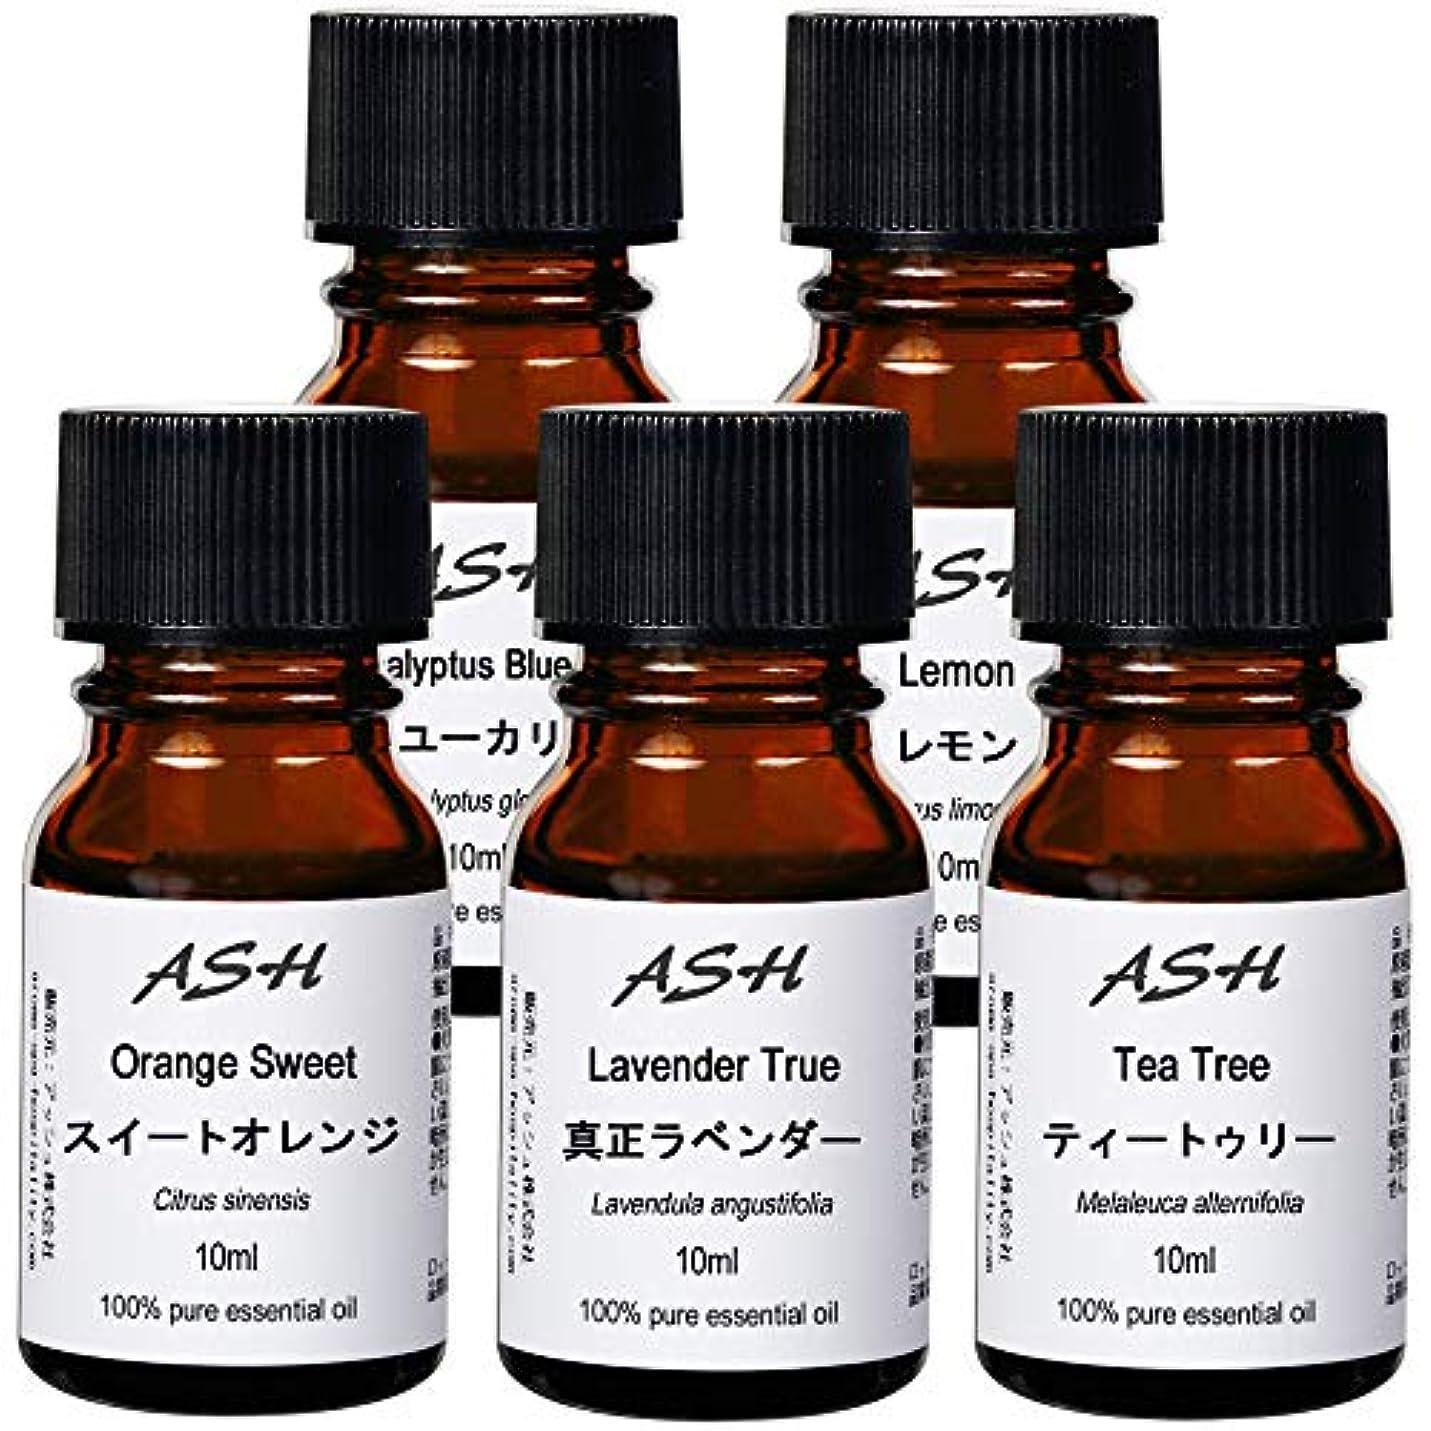 教室地上で空中ASH エッセンシャルオイル B.ベーシック 10mlx5本セット (スイートオレンジ/ユーカリ/ラベンダー/レモン/ティートゥリー) AEAJ認定精油